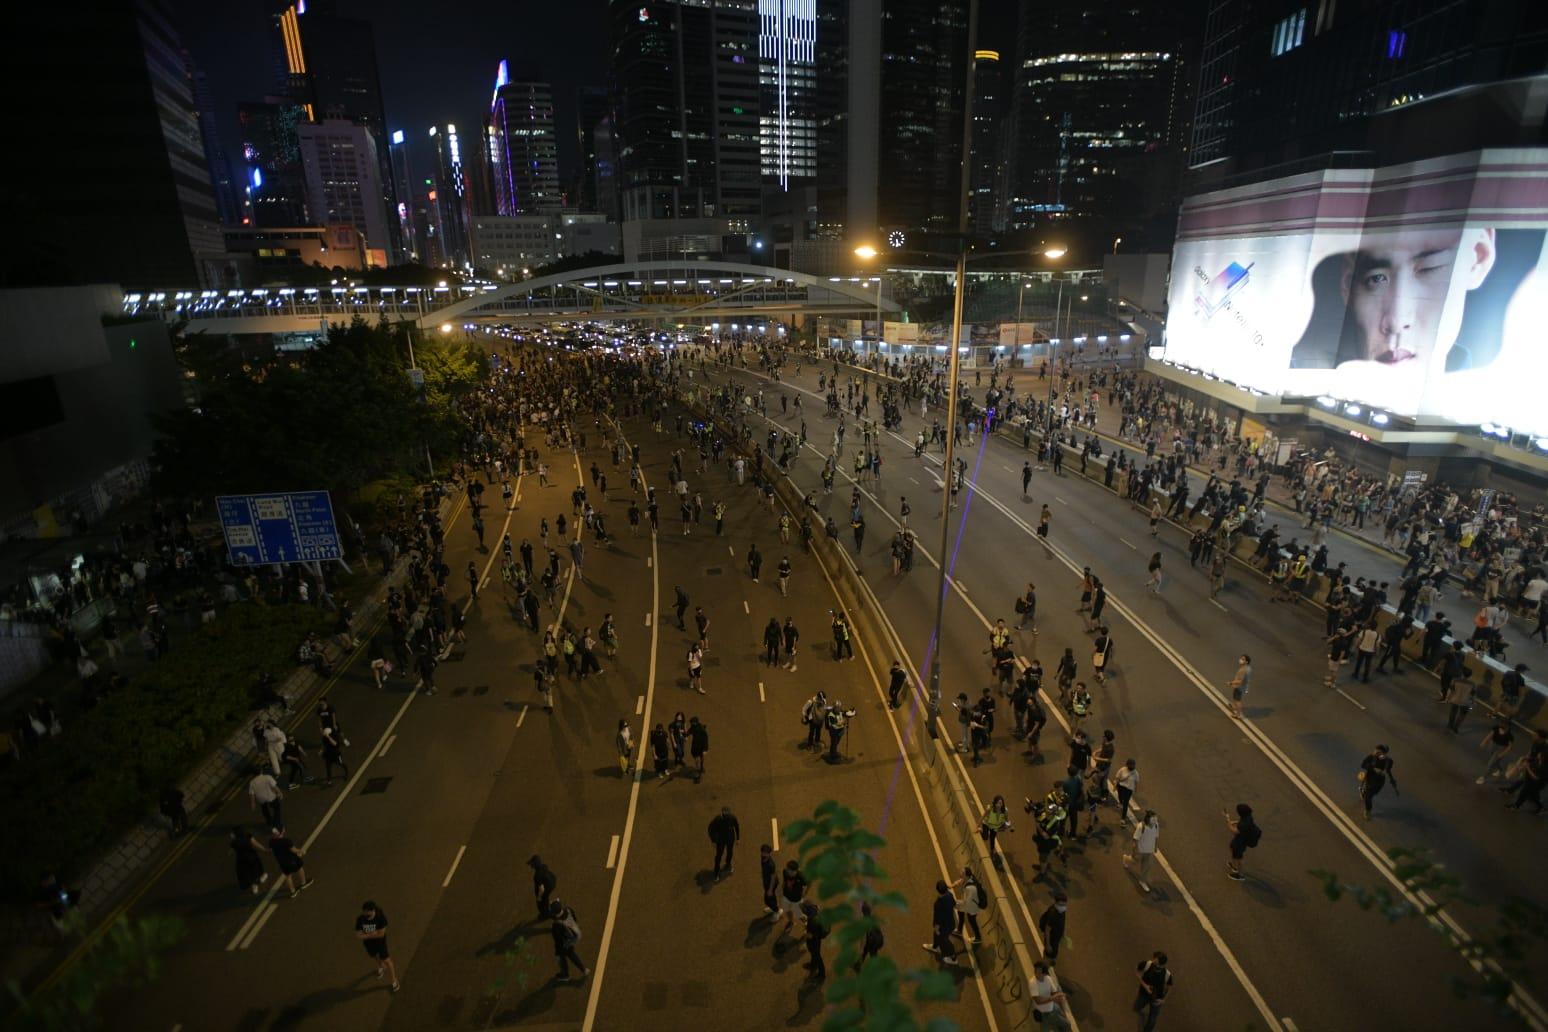 【修例风波】示威者堵塞告士打道夏慤道龙和道 现场交通受阻